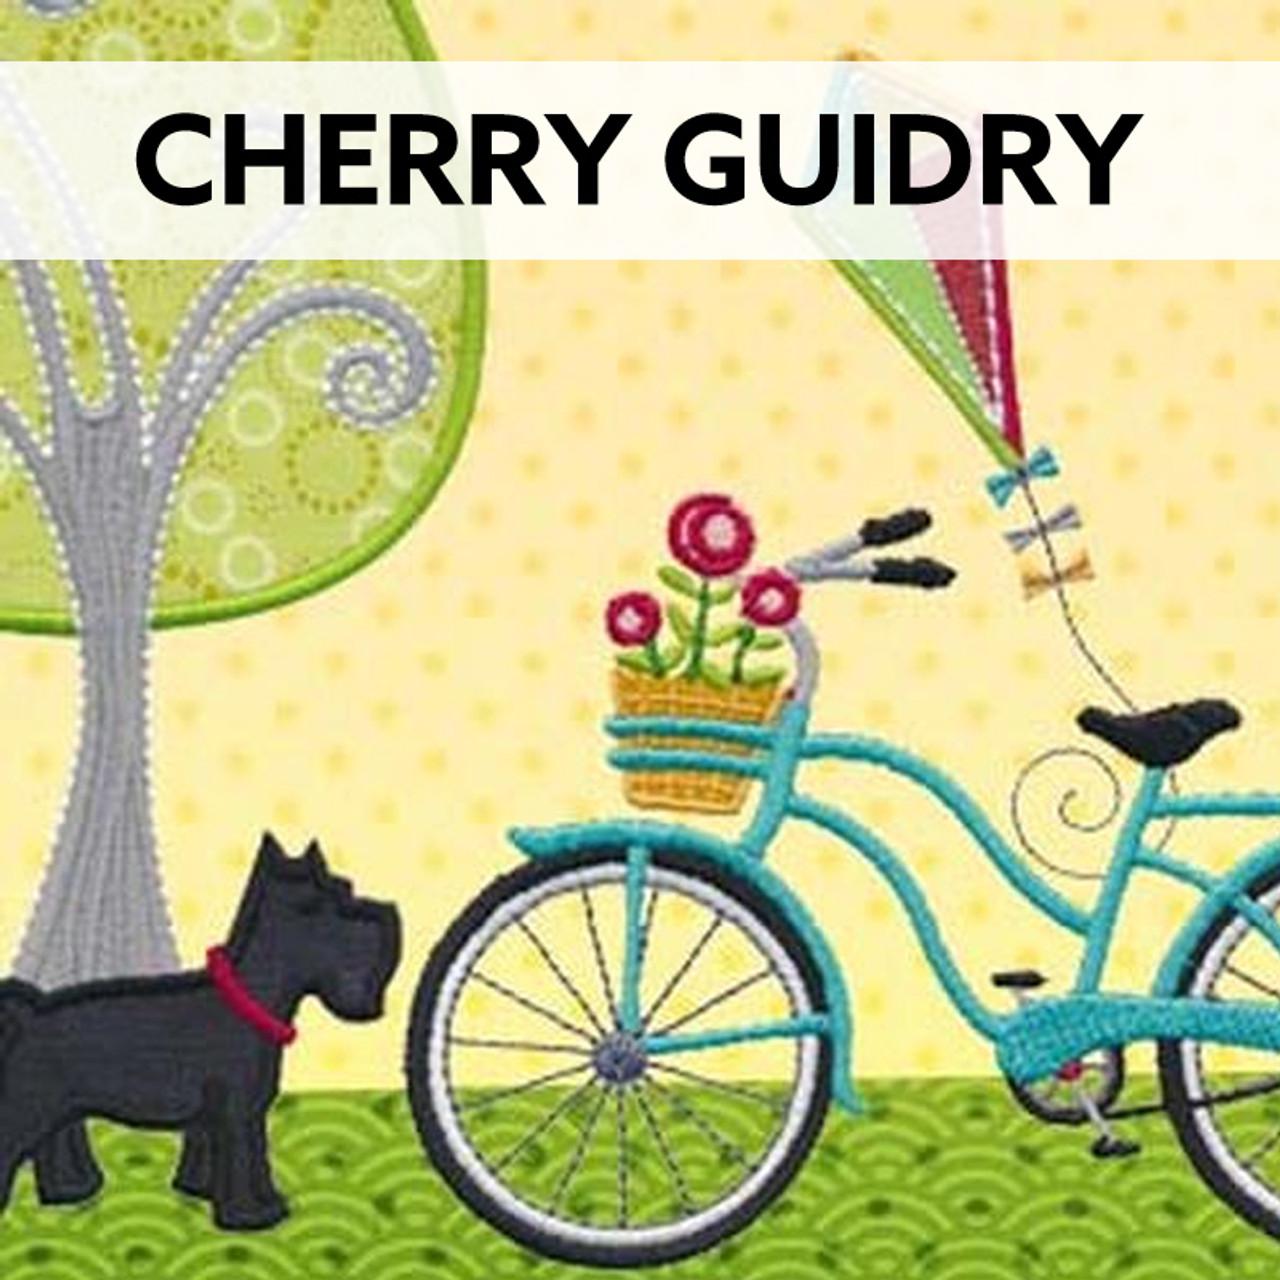 Cherry Guidry